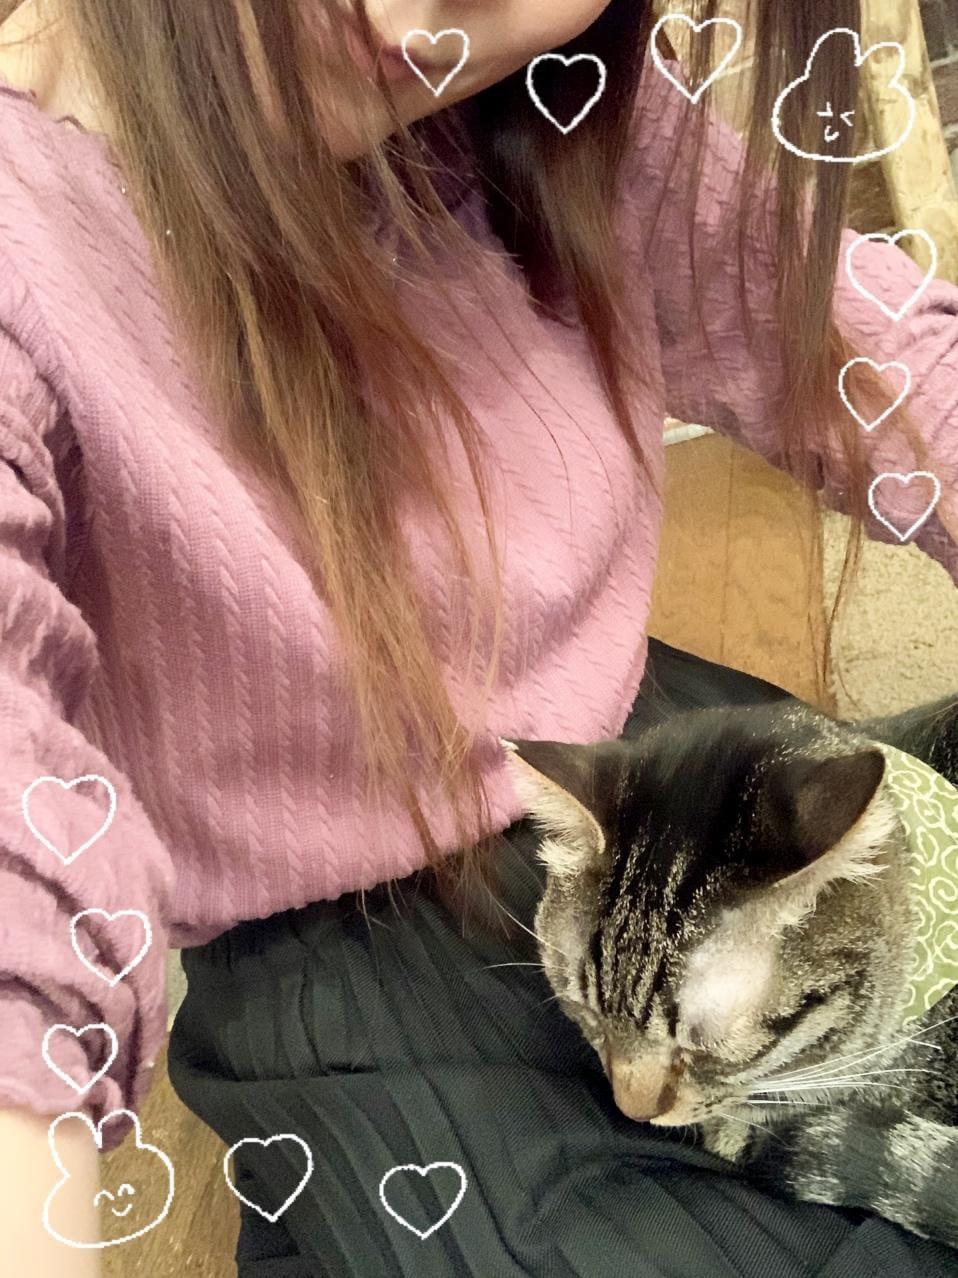 ねいろ「?ネコカフェにて…?」11/28(土) 08:26 | ねいろの写メ・風俗動画